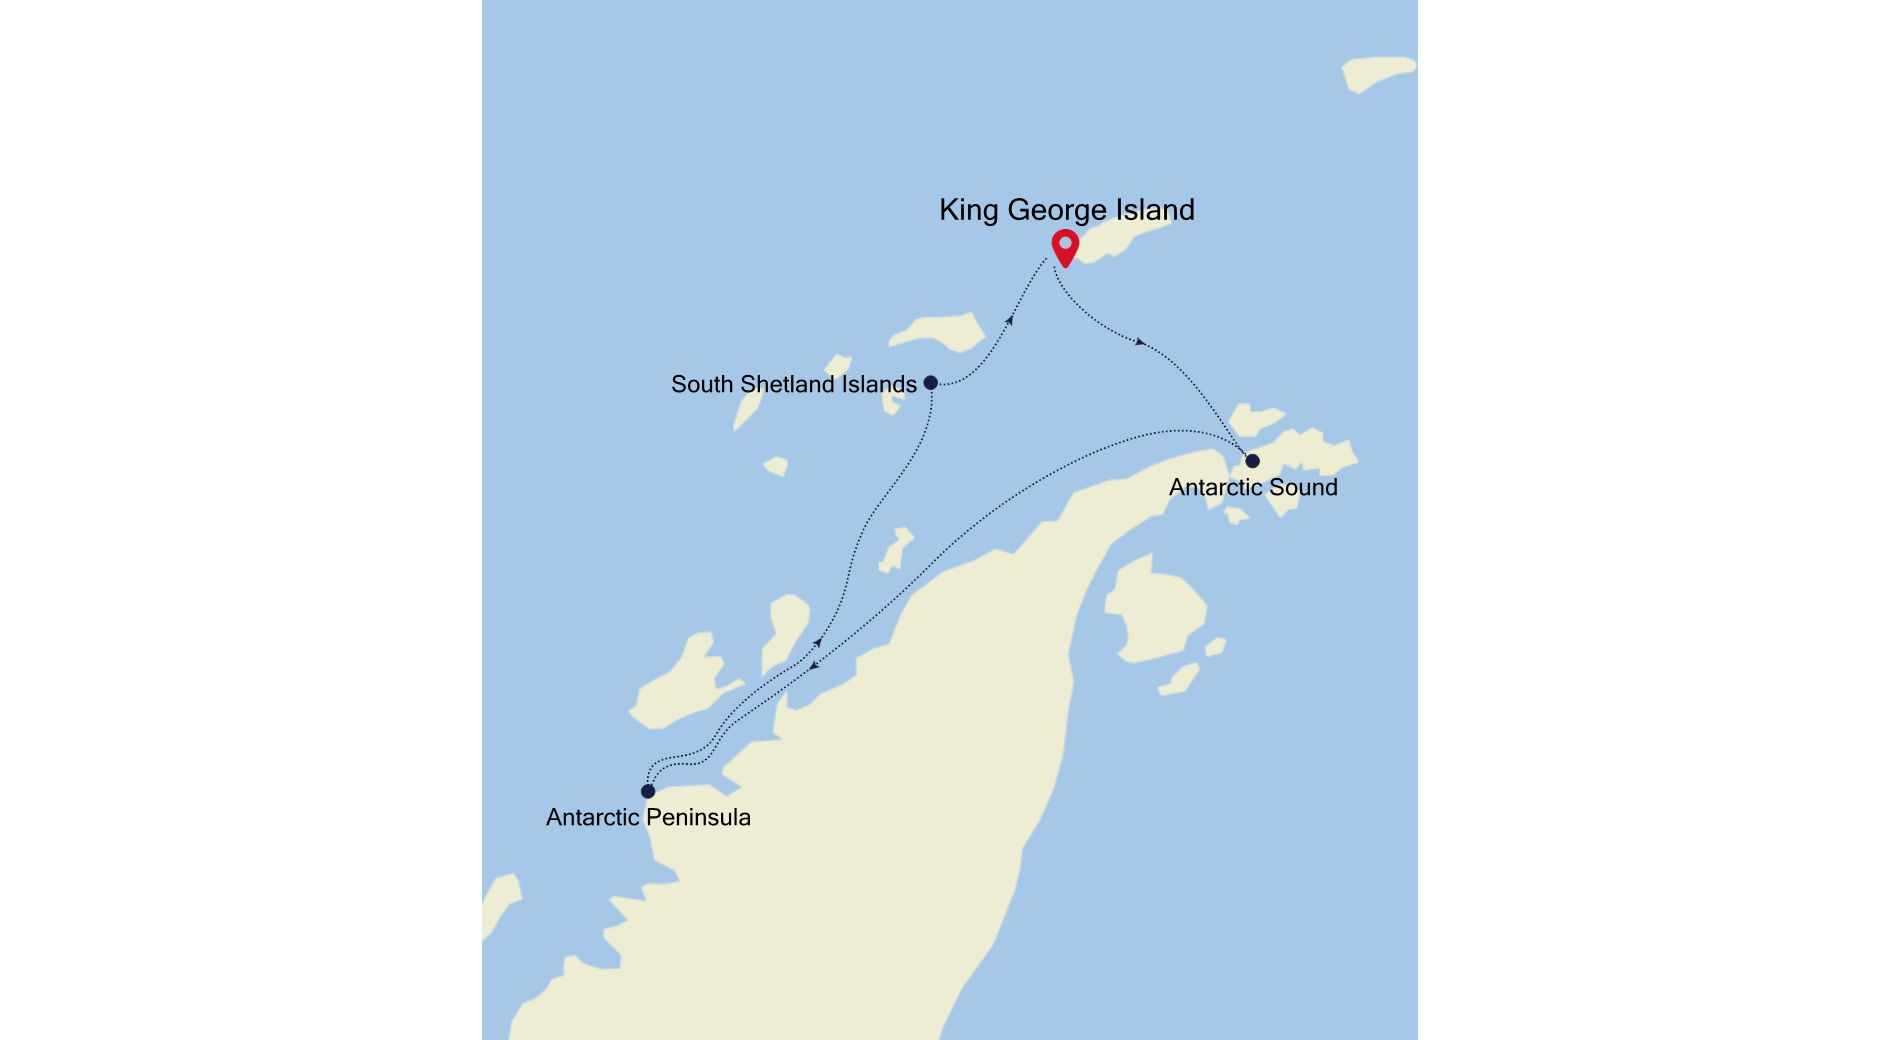 E1220130006 - King George Island à King George Island